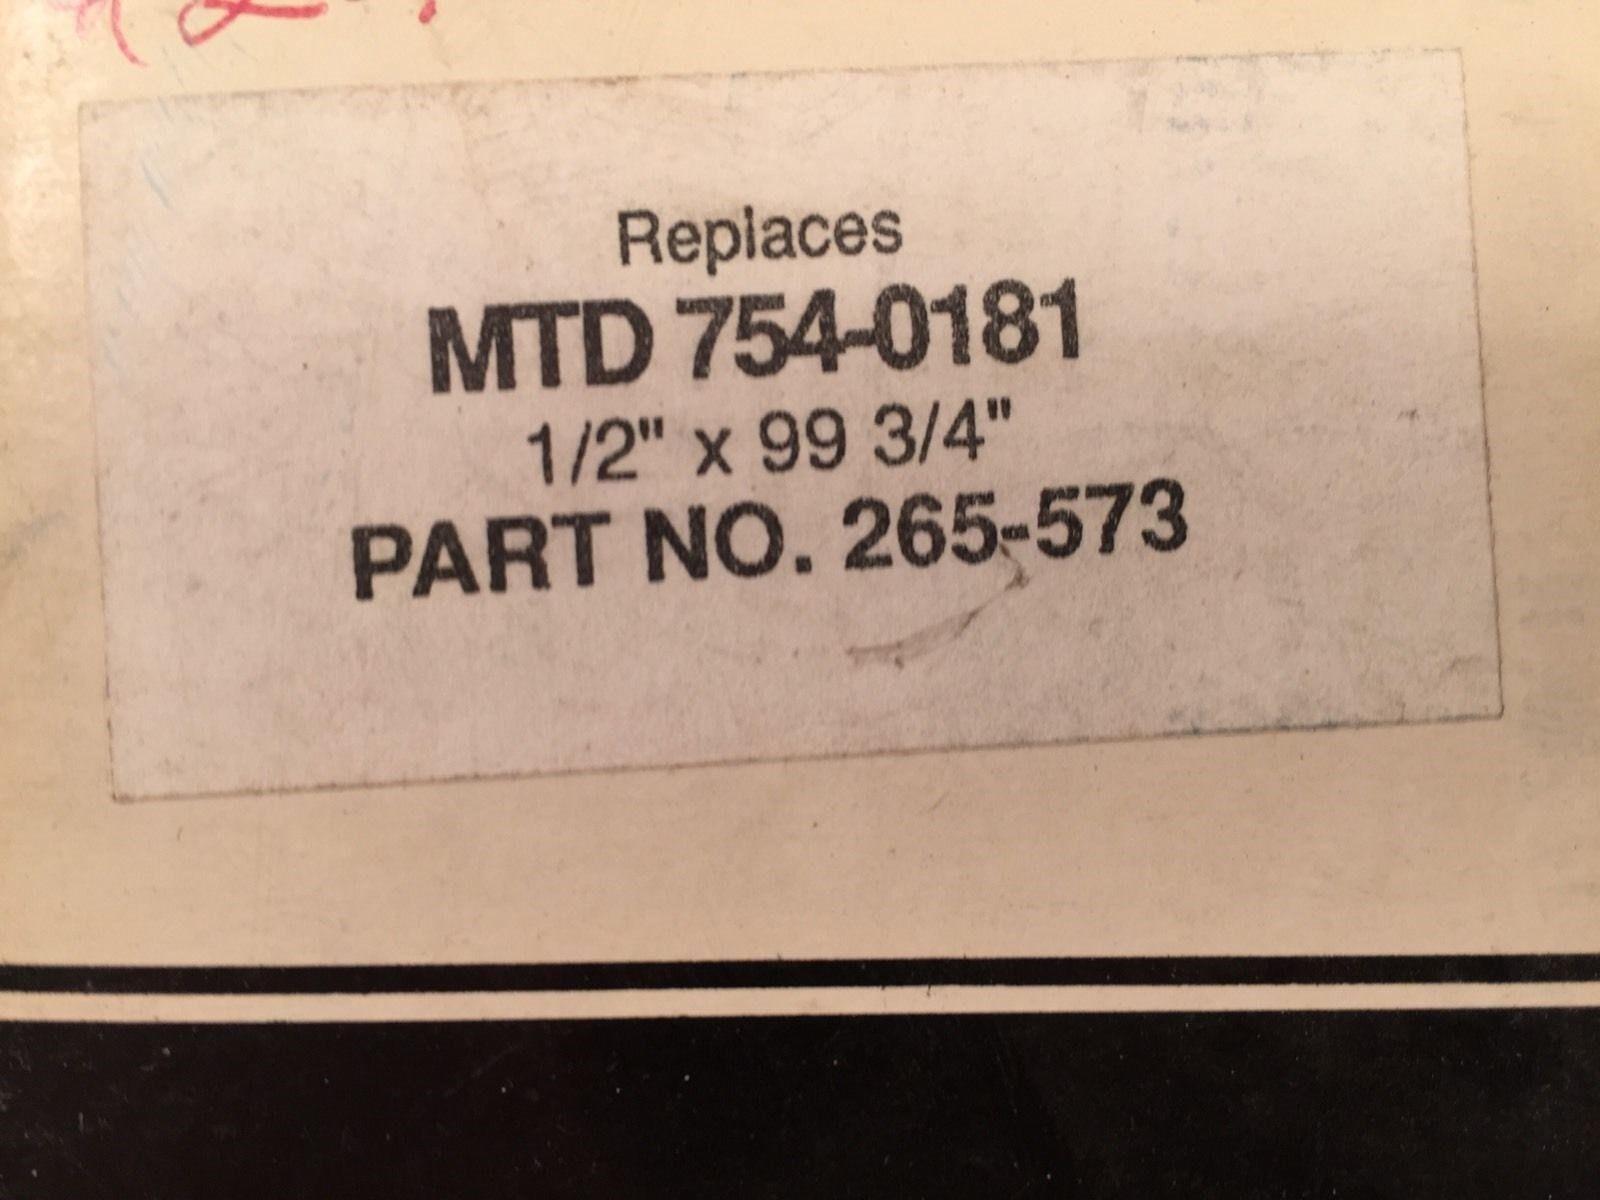 """Stens 265-573 Replacement Belt 1/2"""" x 99-3/4"""" MTD 754-0181"""